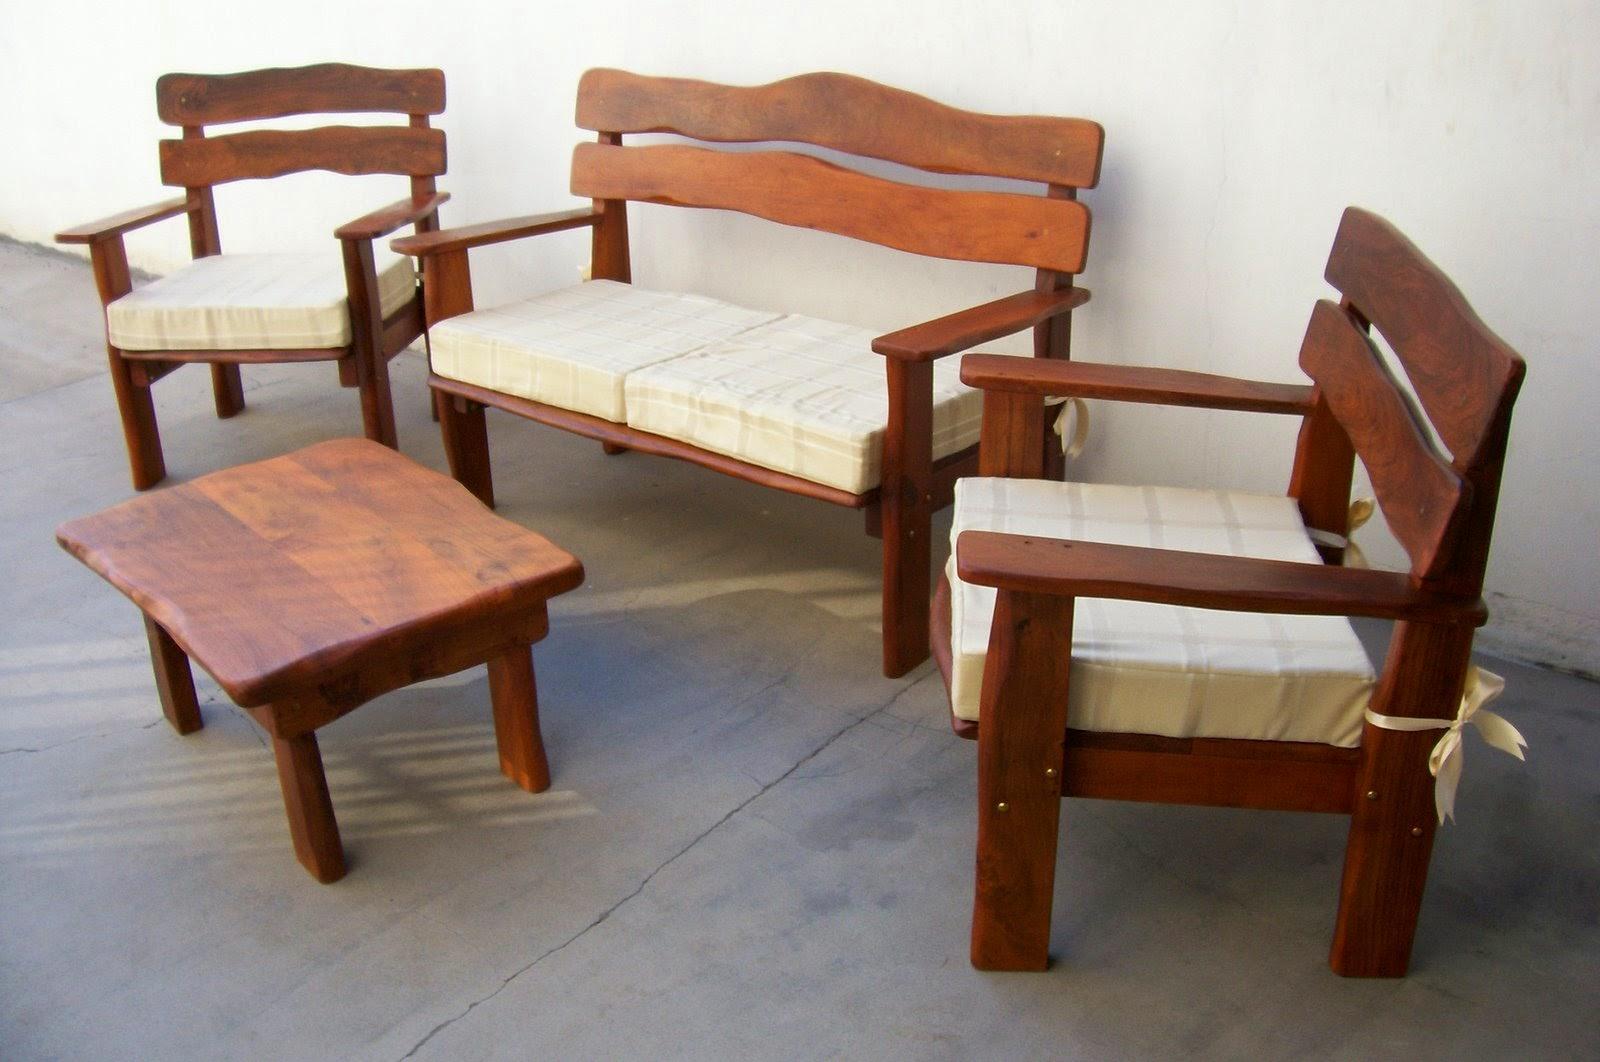 Comprar muebles de algarrobo cosas que deber as saber - Que sofas que muebles ...